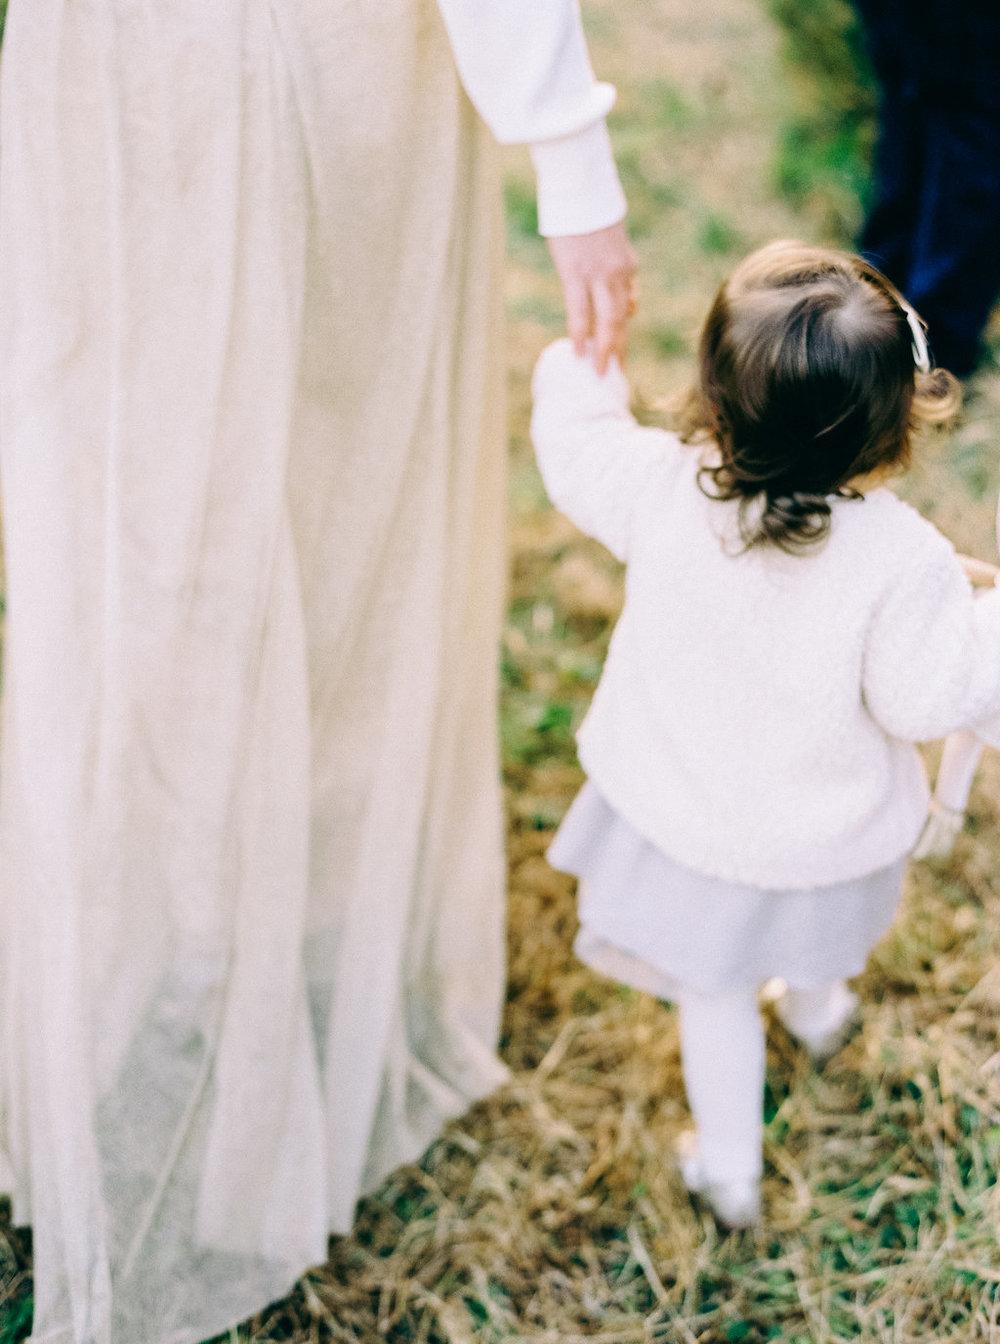 NikkiSanterre_VirginiaFilmMotherhoodPhotographer_NikkiChristmasFilm-40.jpg